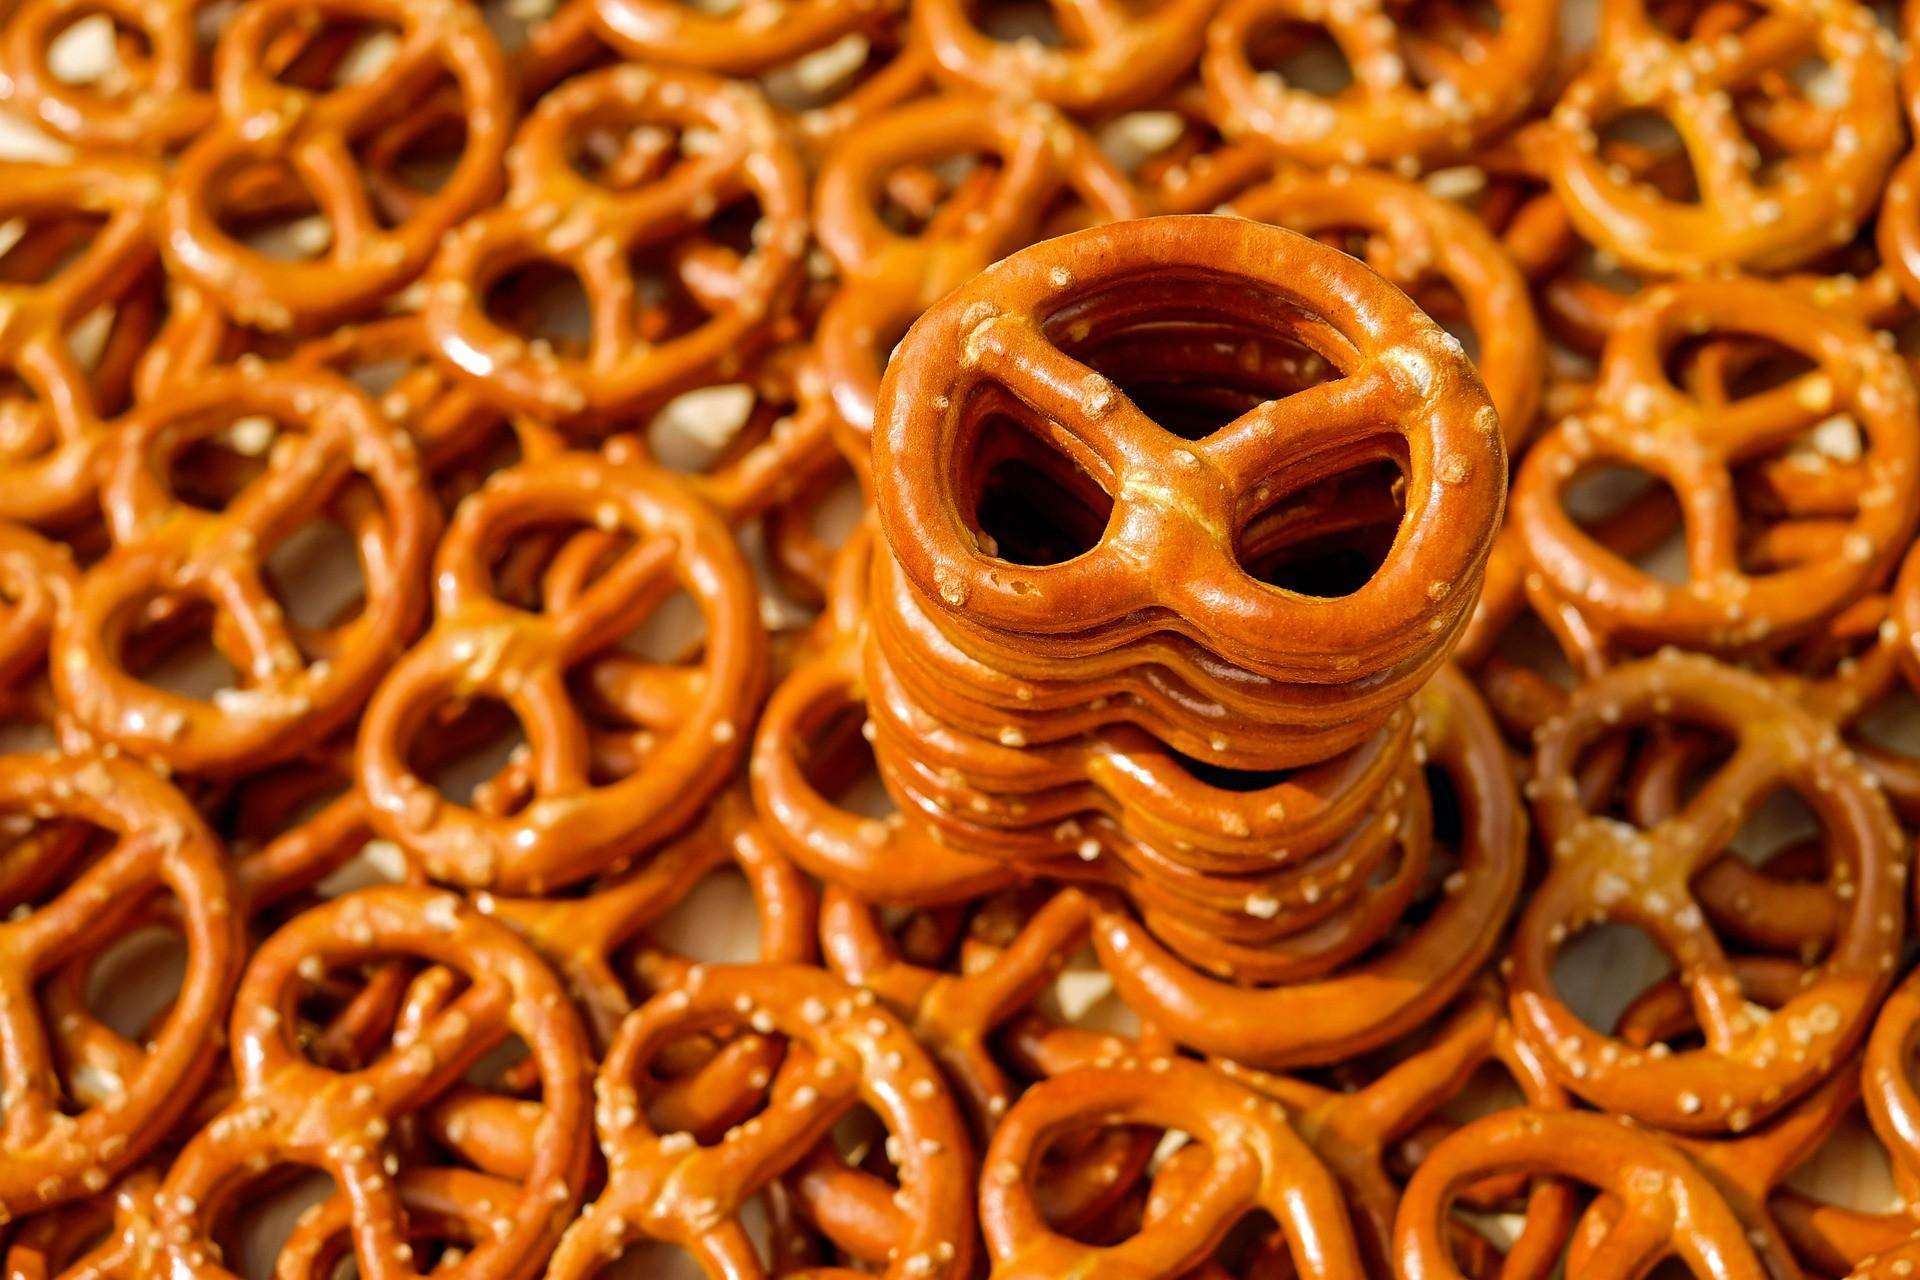 Comida salgada te deixa com mais fome. (Foto: Creative Commons / Couleur)